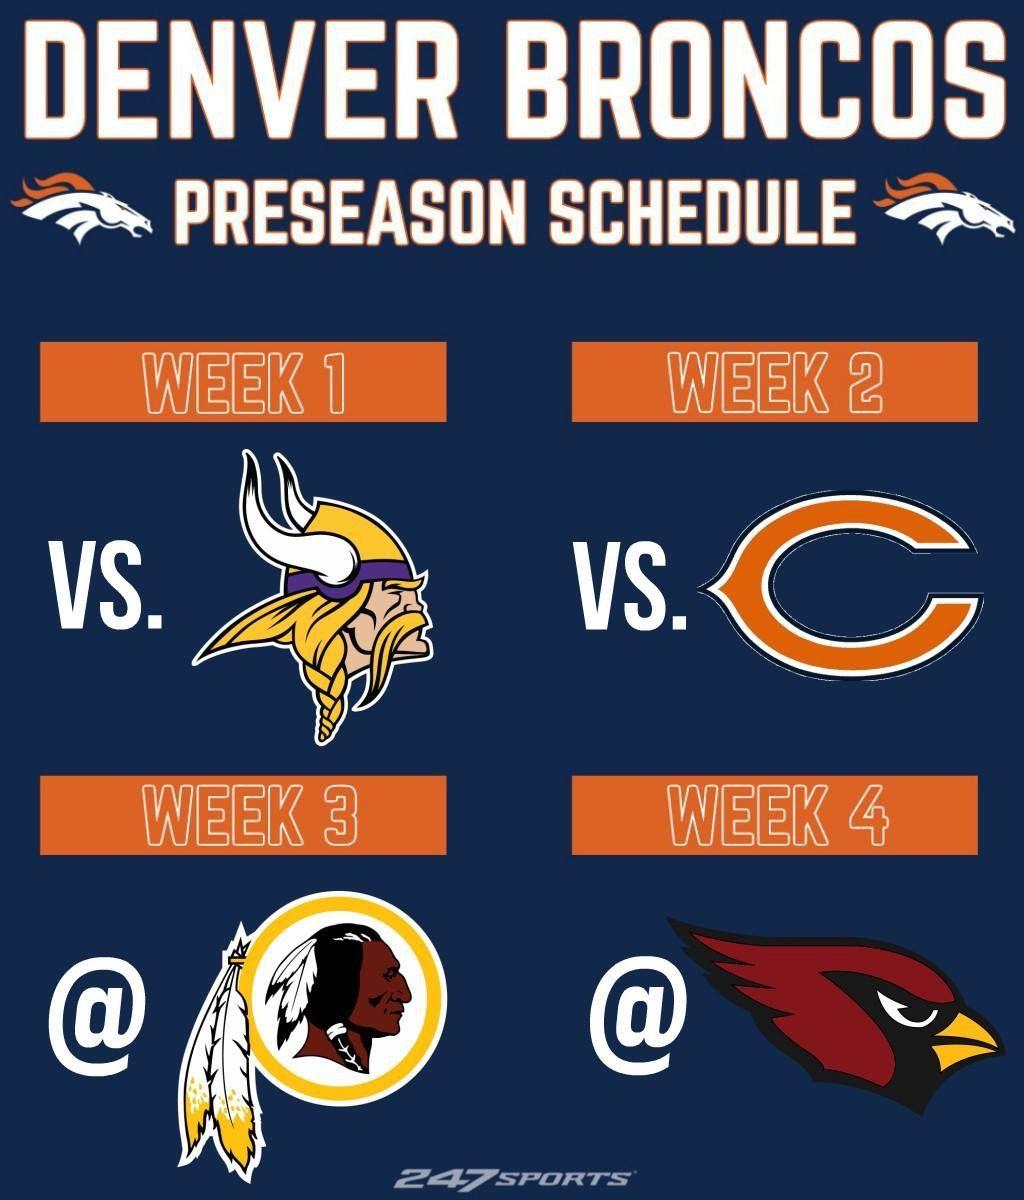 Denver broncos 2018 preseason schedule